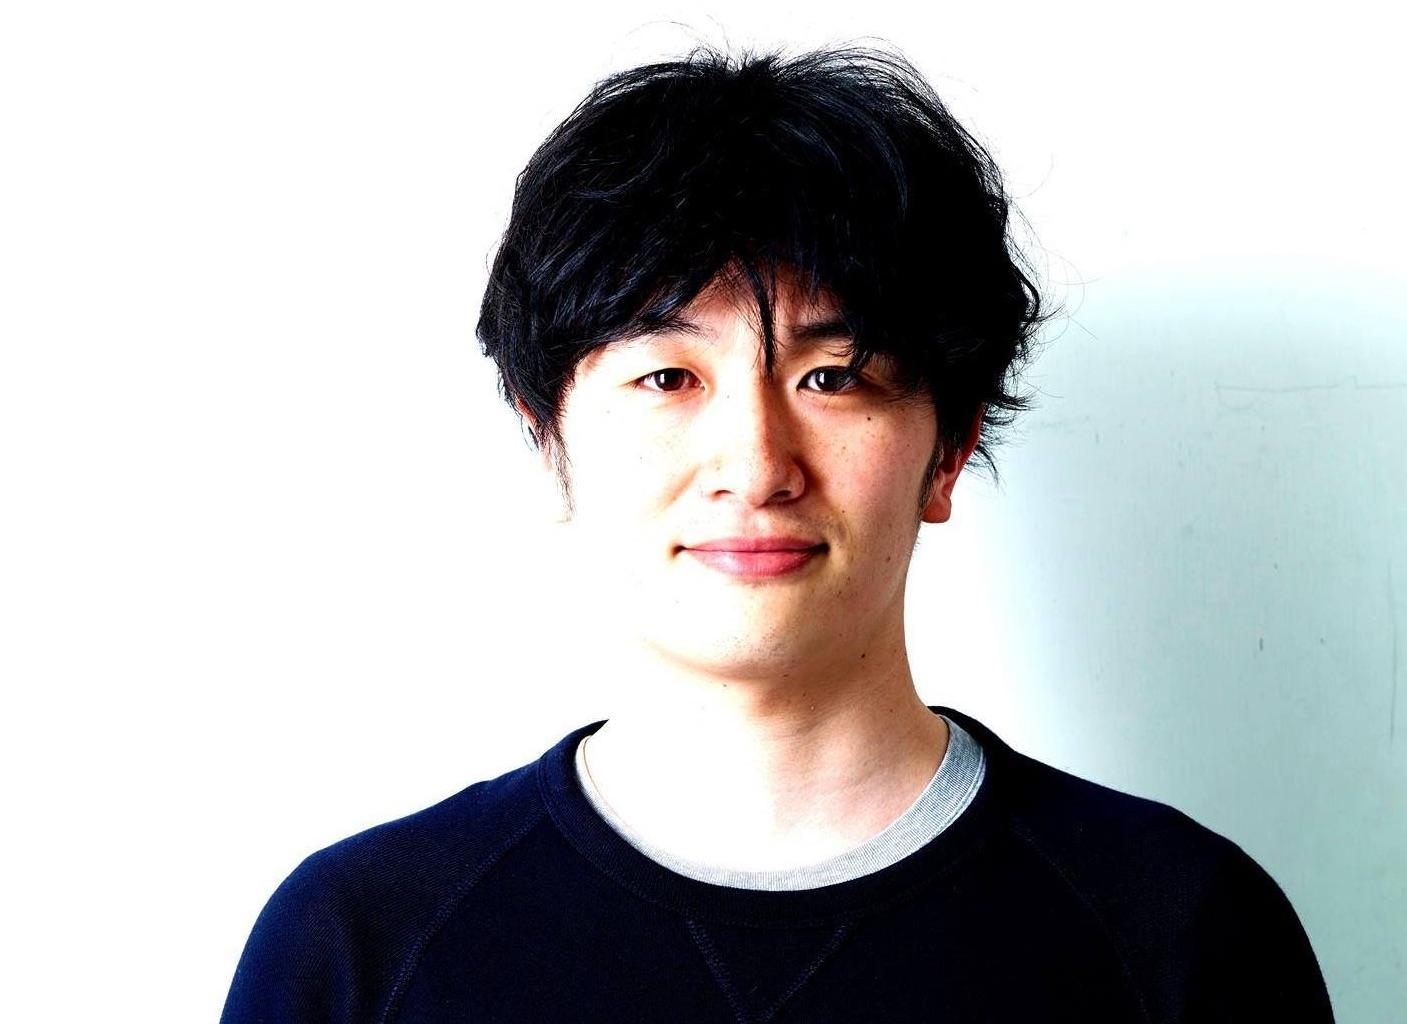 一般社団法人フードサルベージ 代表理事の平井巧さんからの応援コメント